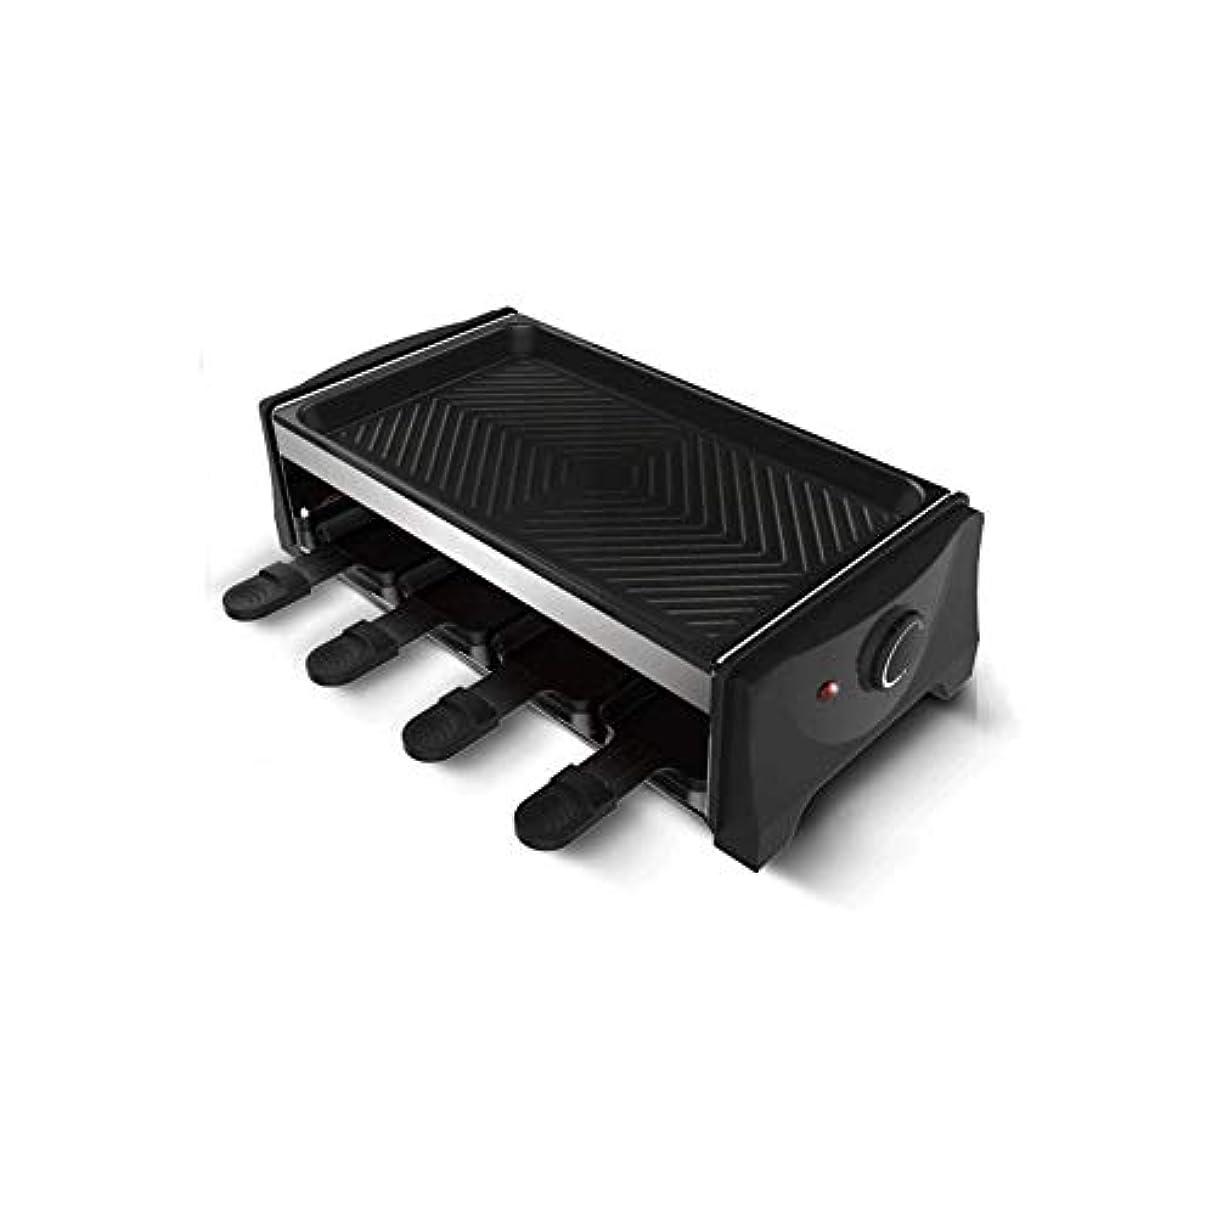 マイクオフェンスペダルラクレットグリル 電気グリルプレート 8ミニパン付き サーマルサイクリング•BLACK スマートサーモスタットヒートコントロール 大隆起ノンスティック調理面 マウサー 1100W